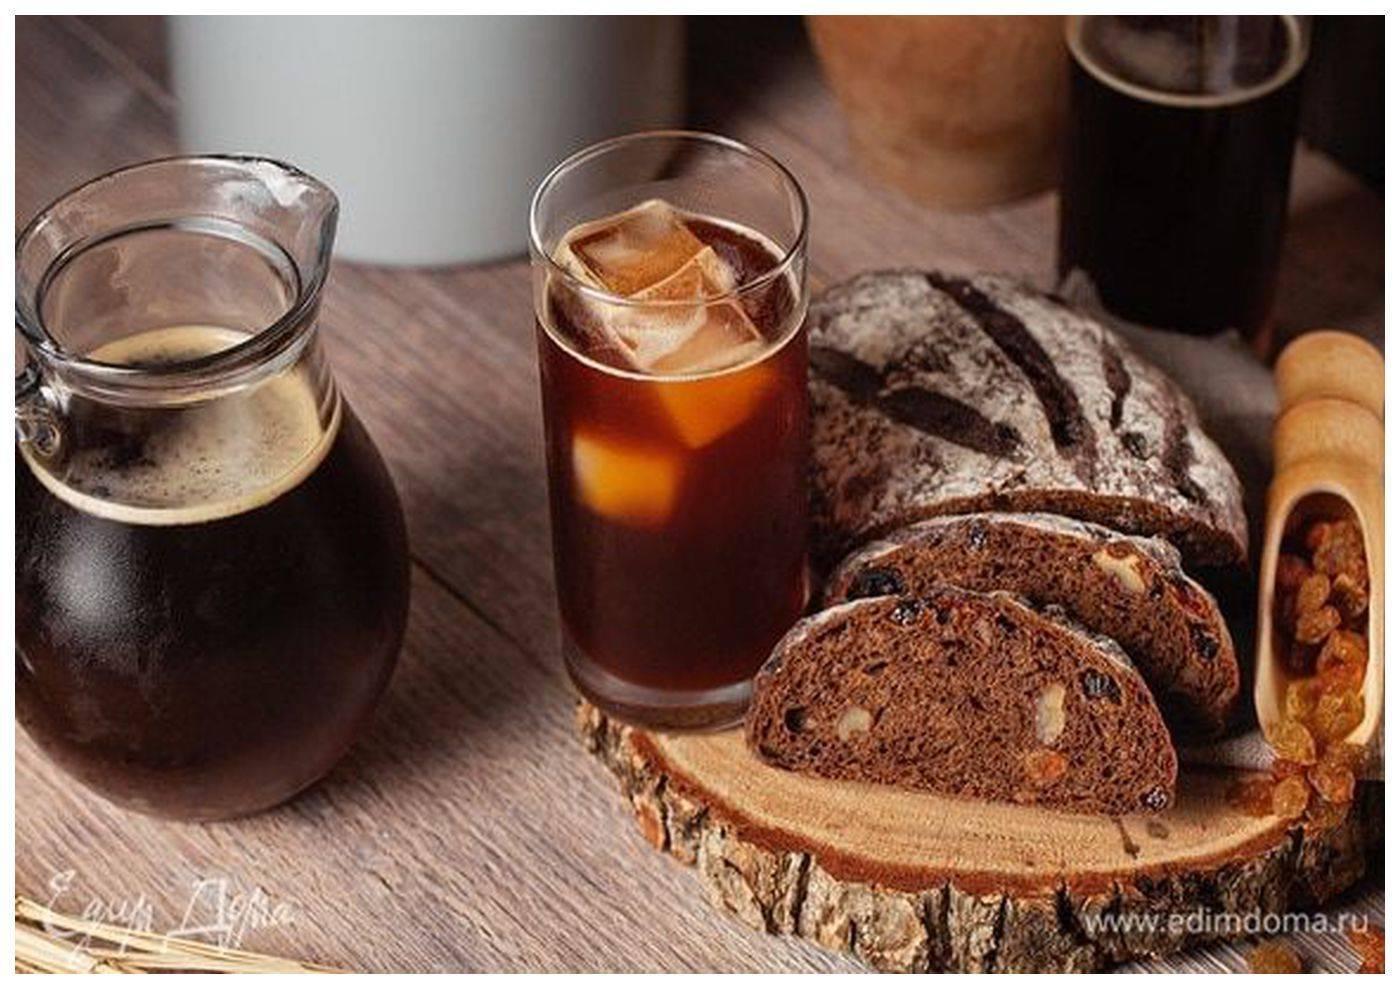 Квас из солода в домашних условиях: рецепты приготовления традиционного русского напитка из ржаного ферментированного зерна, правила его выбора